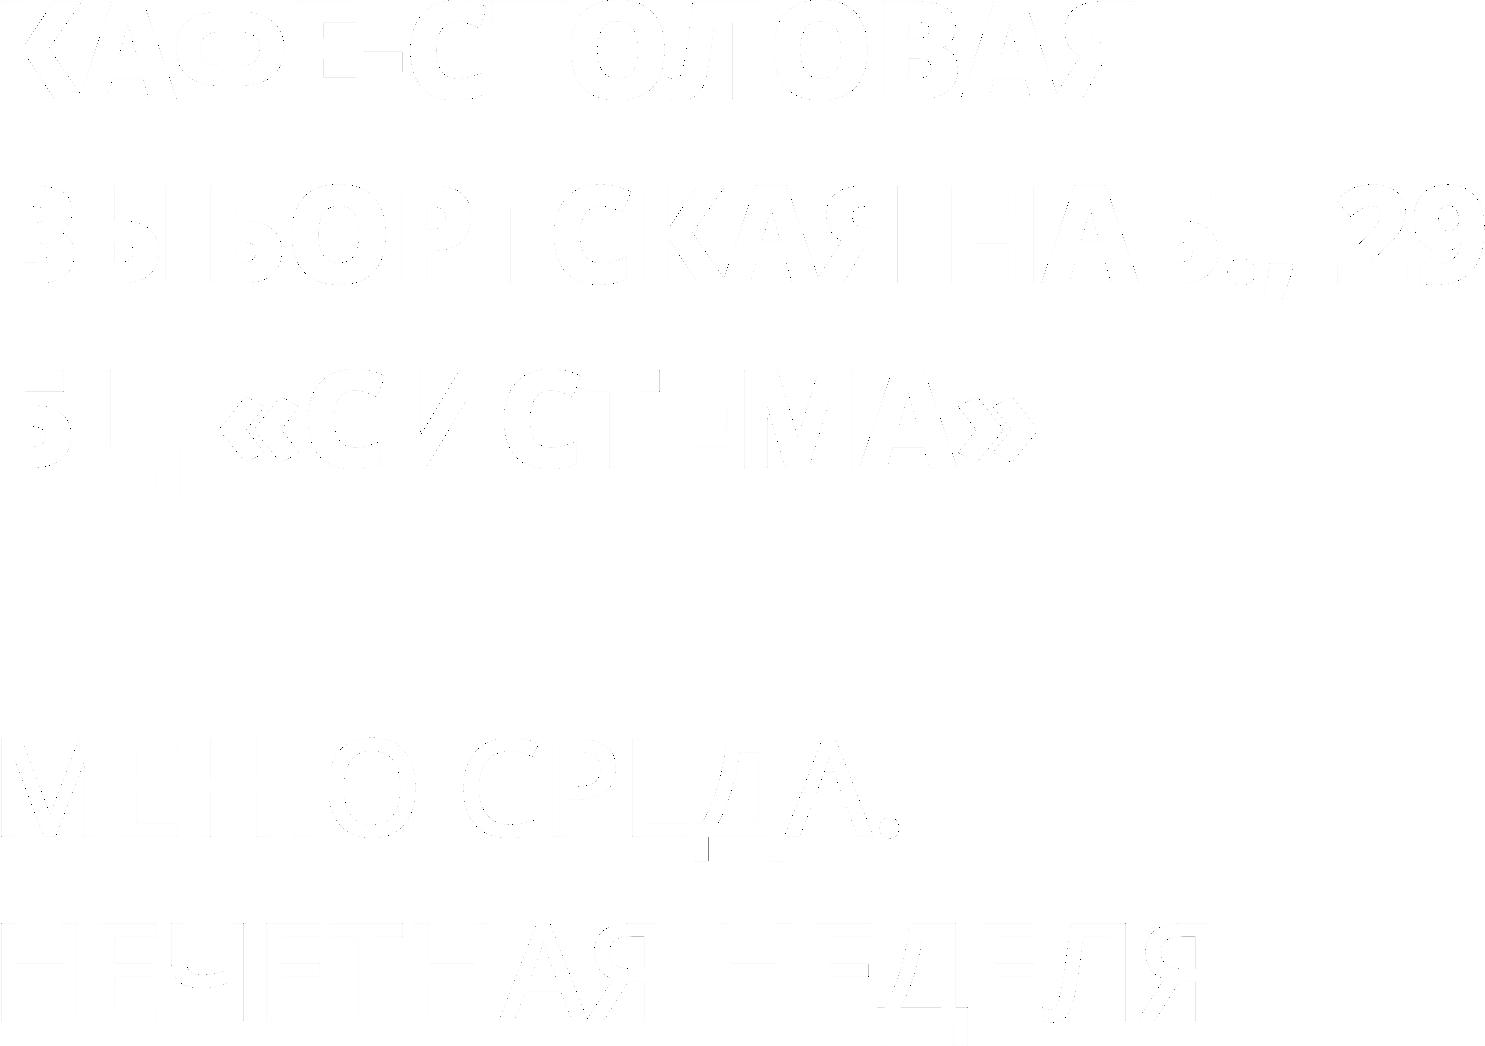 """КАФЕ-СТОЛОВАЯ БЦ """"СИСТЕМА"""" Выборгская наб., 29 МЕНЮ СРЕДА. НЕЧЕТНАЯ НЕДЕЛЯ"""